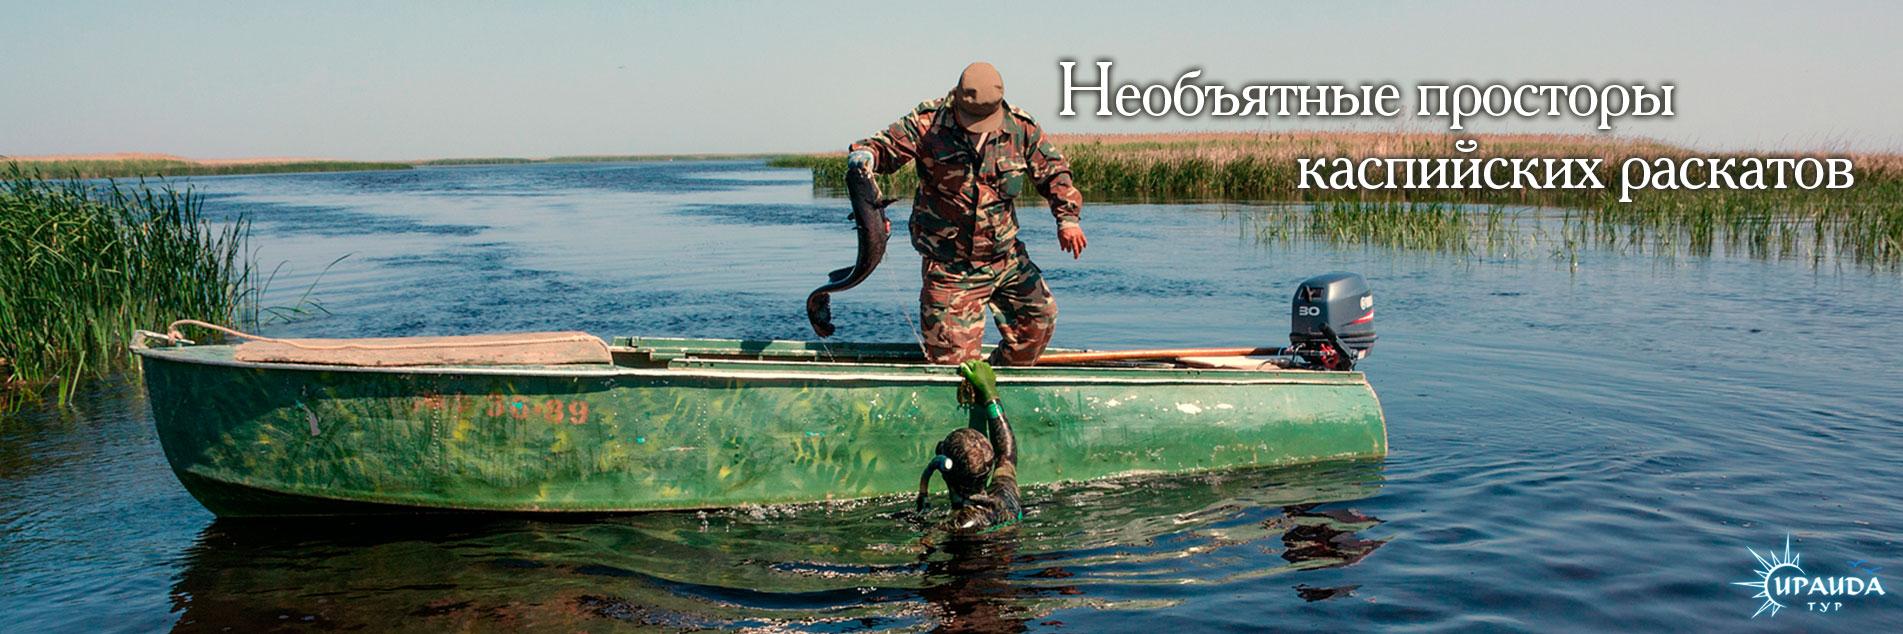 базы для рыбаков в астрахани